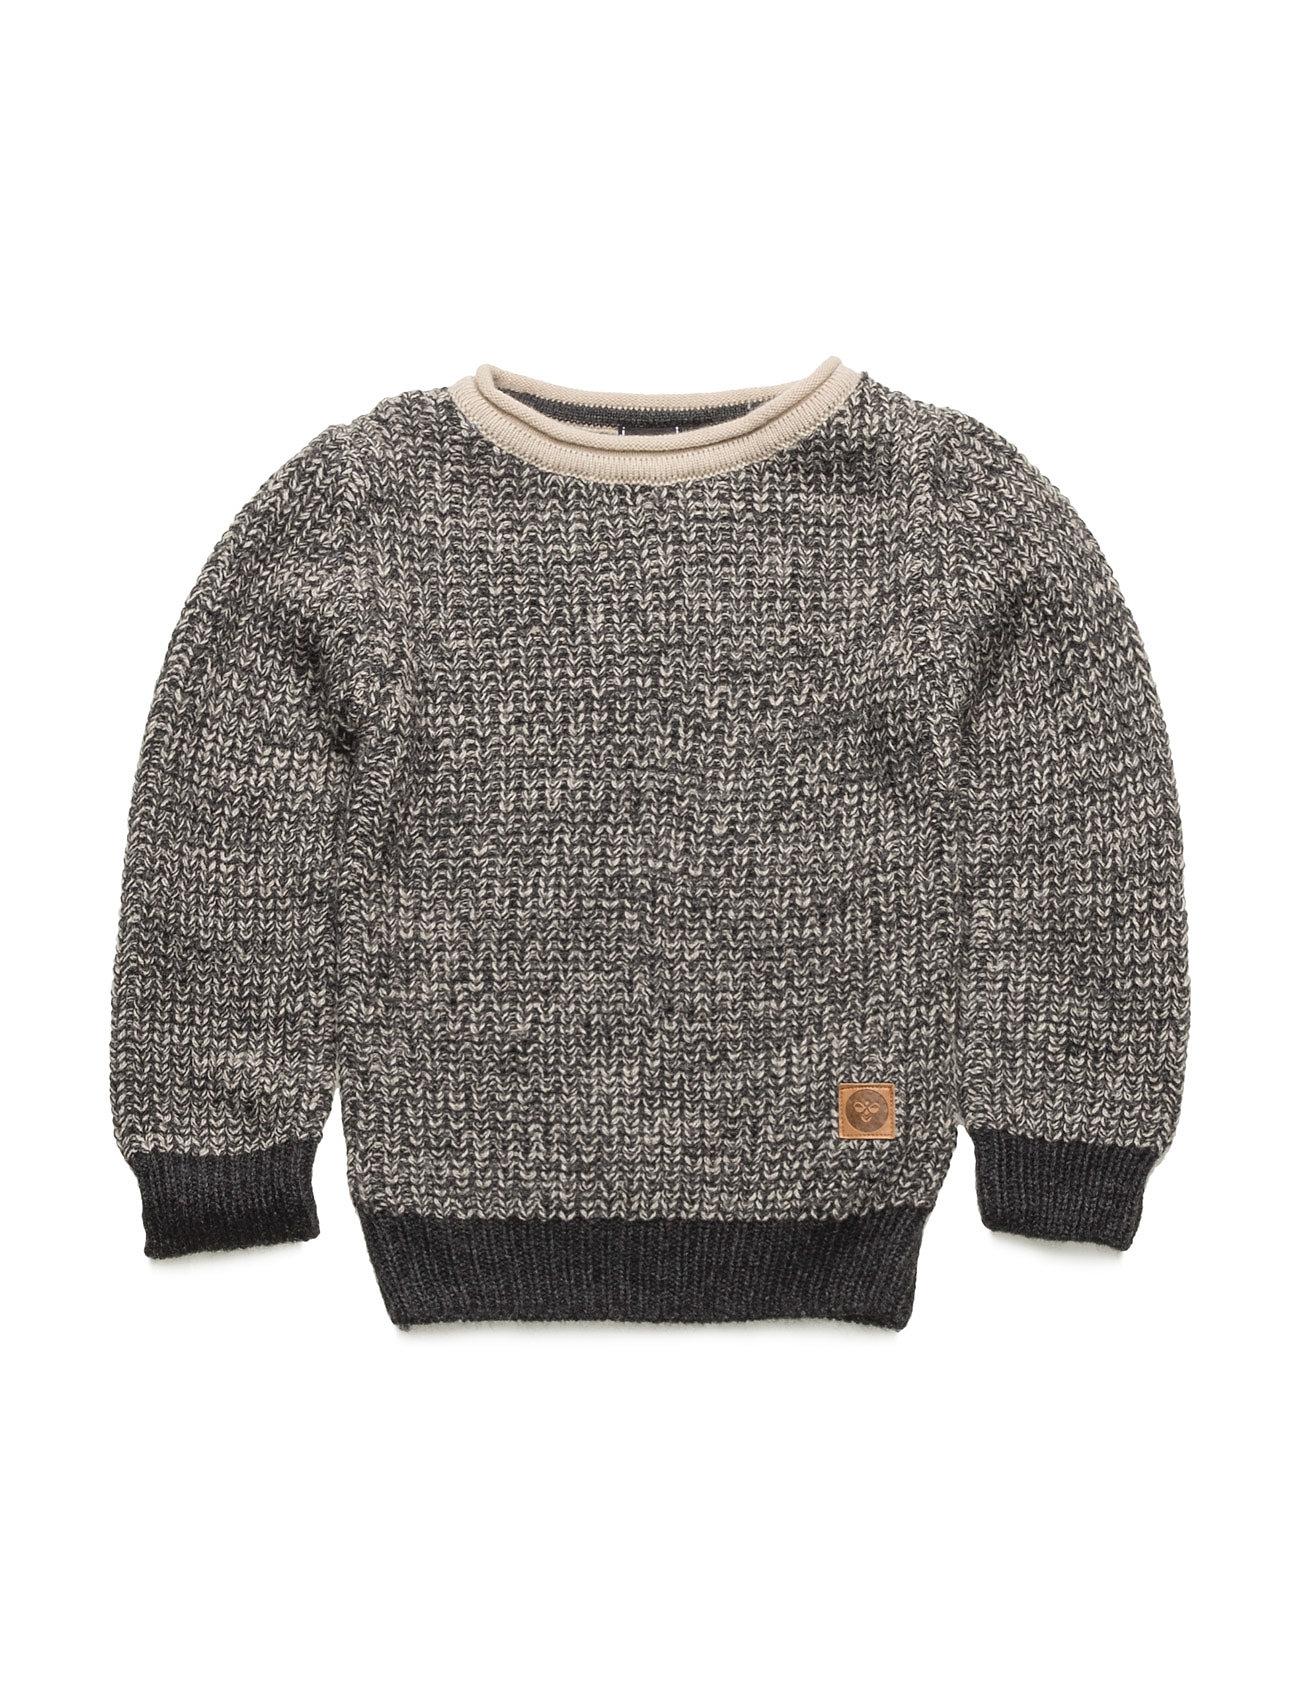 Forest knit crewneck fra hummel på boozt.com dk